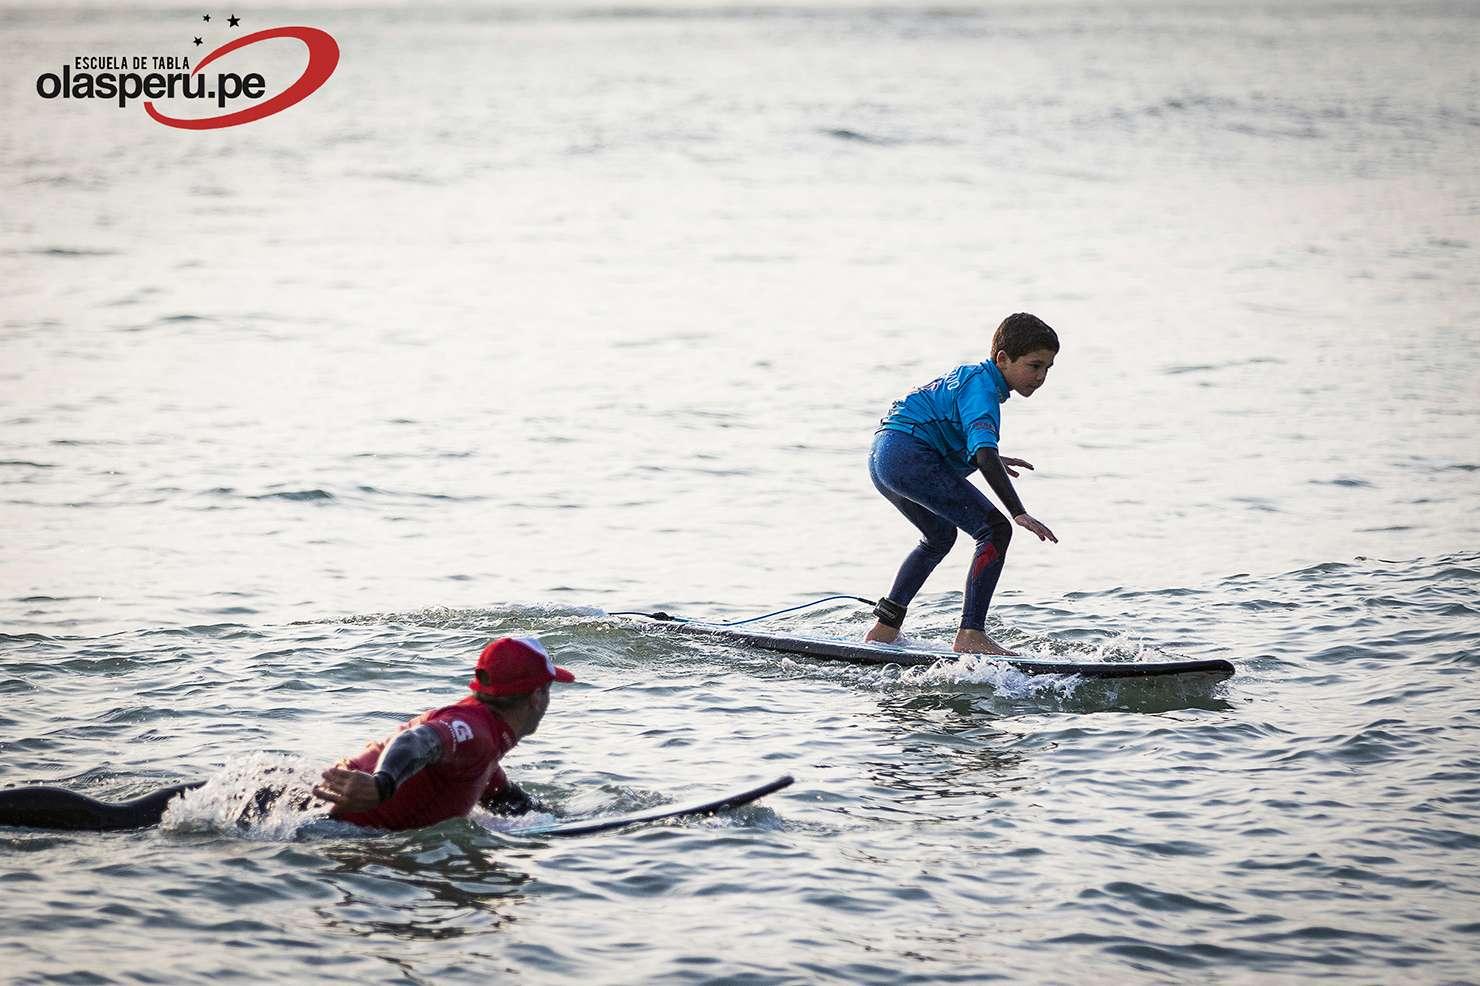 Inicio de actividad de surf en el colegio Newton